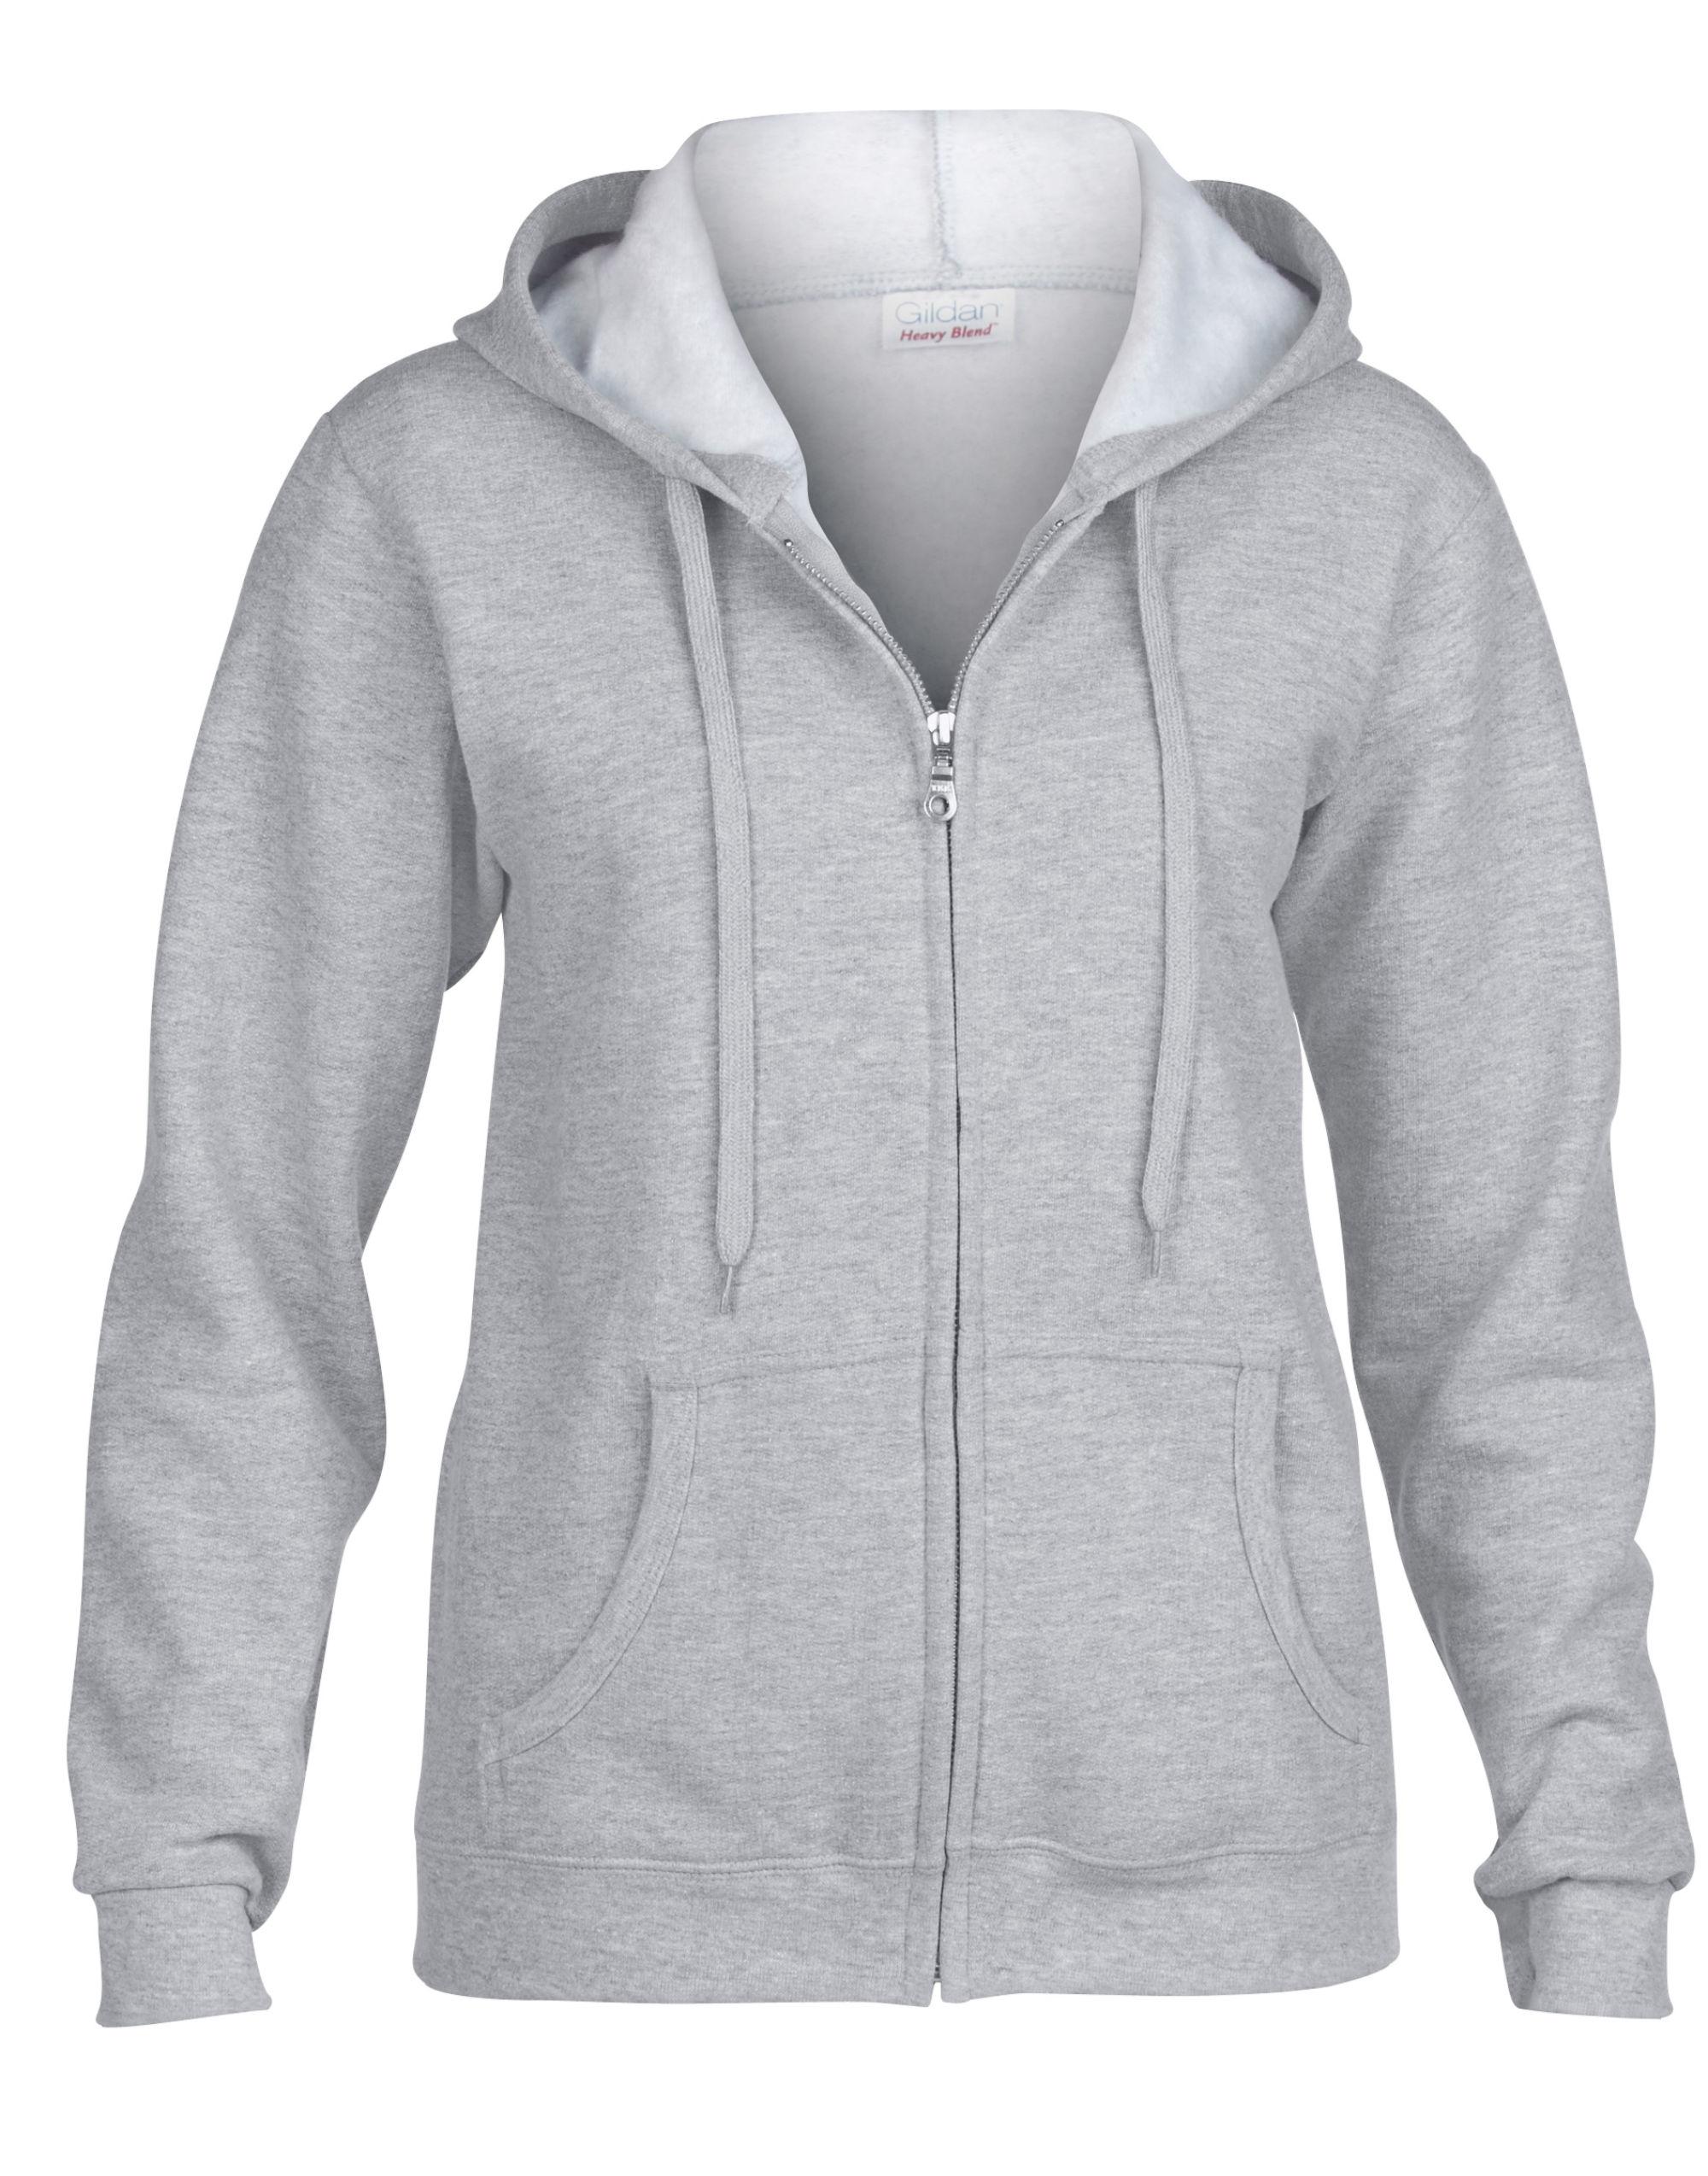 Heavy Blend Ladies' Fulll Zip Hood Sweat